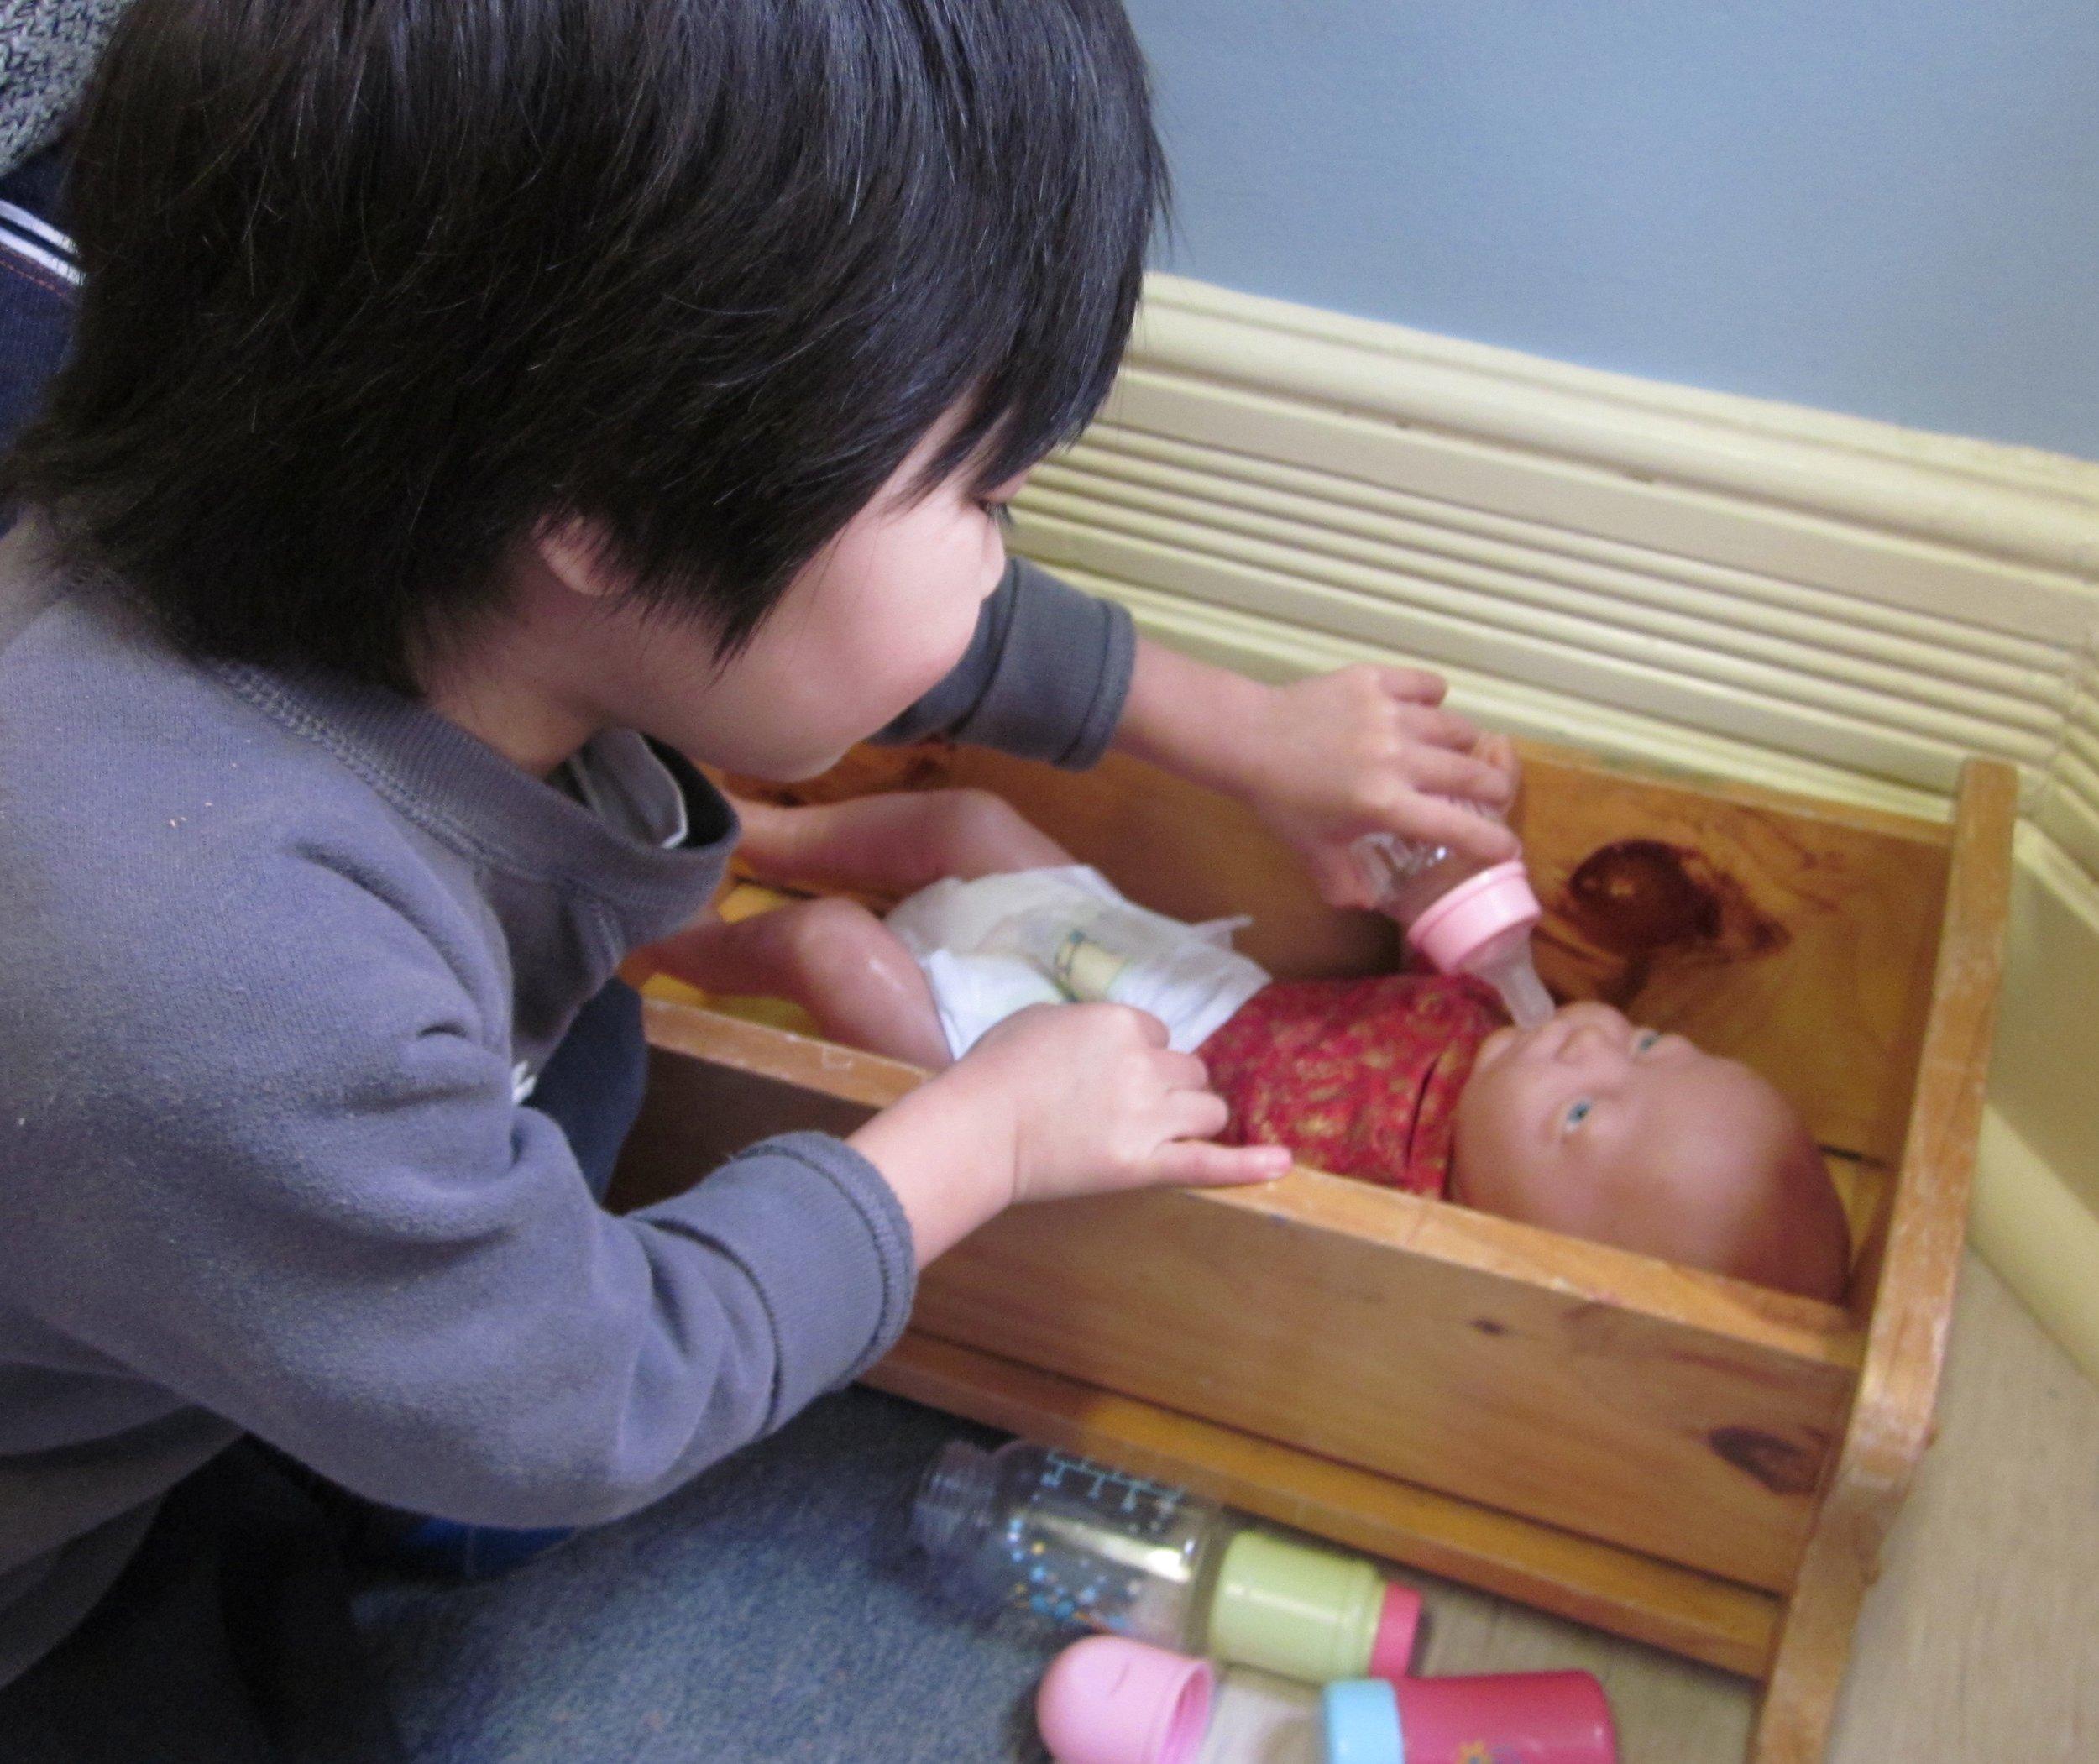 Boy feeding baby.jpg